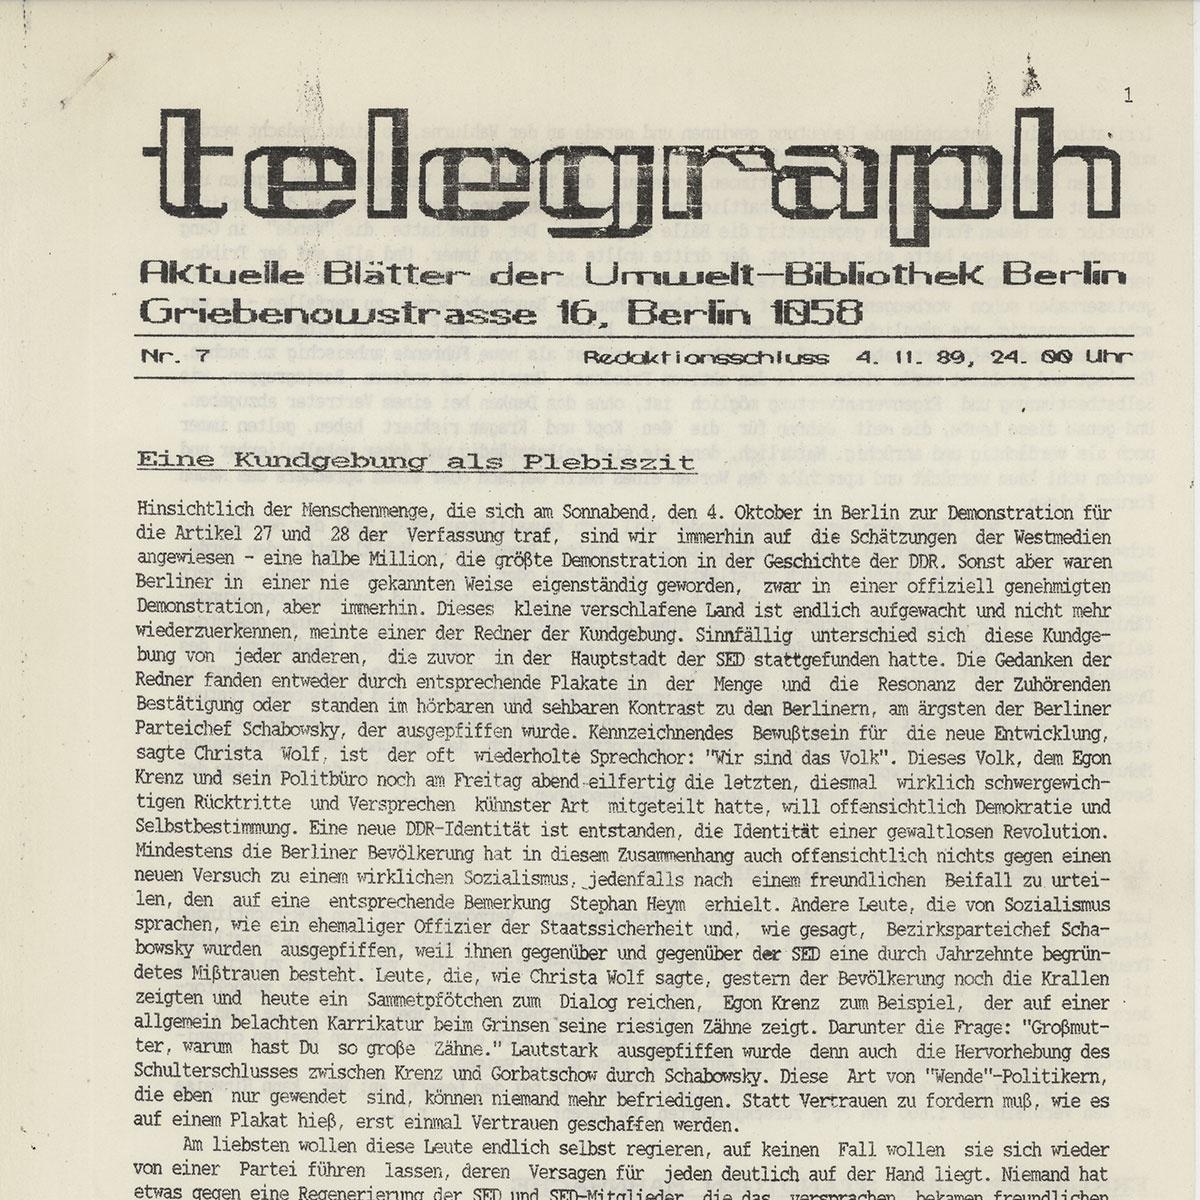 Deckblatt der DDR-Oppositions-Zeitschrift telegraph, Nr. 7/89, vom 4. November 1989